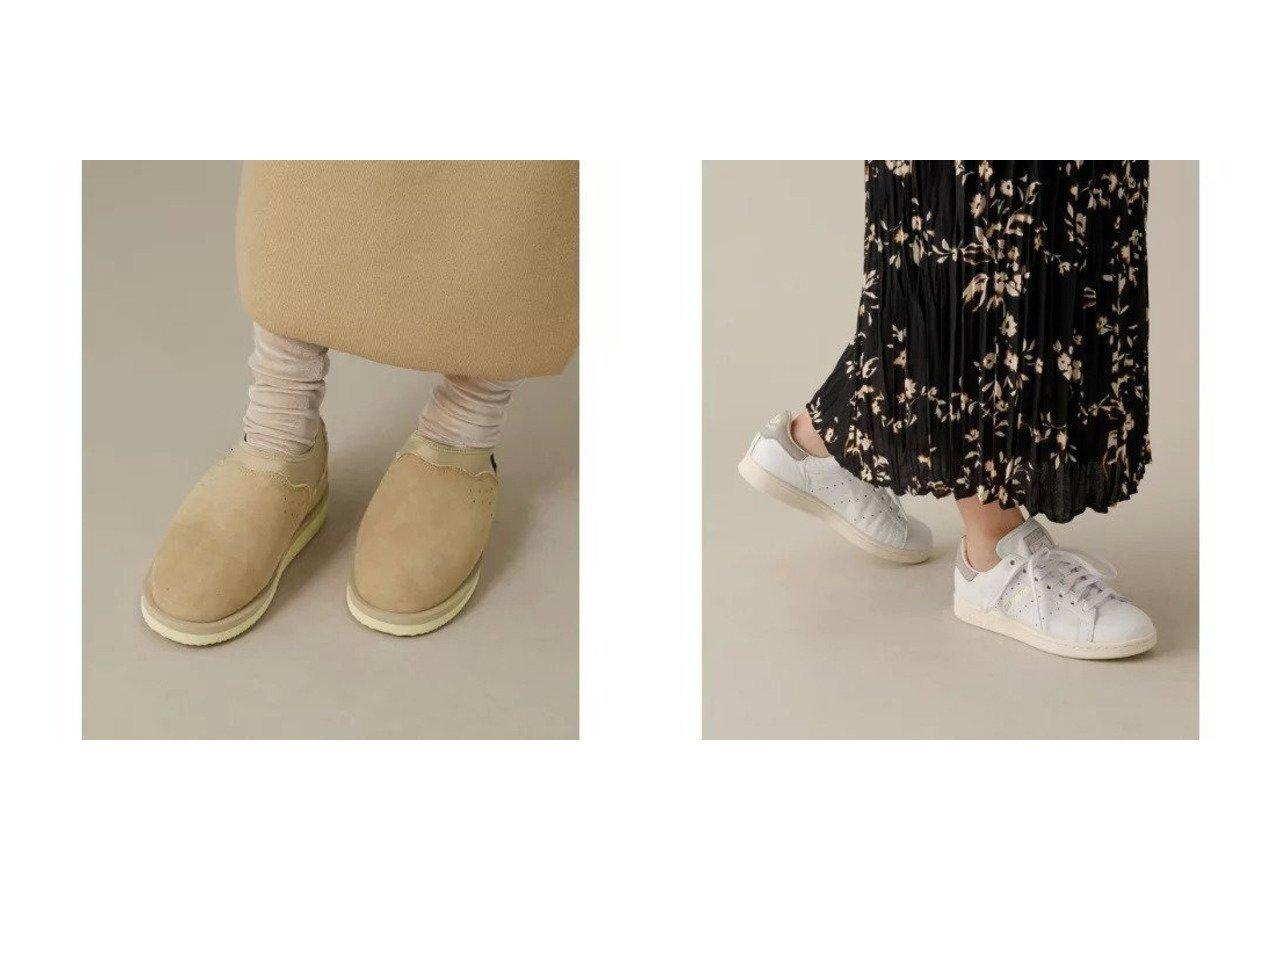 【Adam et Rope/アダム エ ロペ】の【SUICOKE】ムートンスリッポン&【adidas】STAN SMITH シューズ・靴のおすすめ!人気、レディースファッションの通販  おすすめで人気のファッション通販商品 インテリア・家具・キッズファッション・メンズファッション・レディースファッション・服の通販 founy(ファニー) https://founy.com/ ファッション Fashion レディース WOMEN シューズ ムートン クラシック スニーカー 人気 パッチ ビンテージ モダン |ID:crp329100000004117